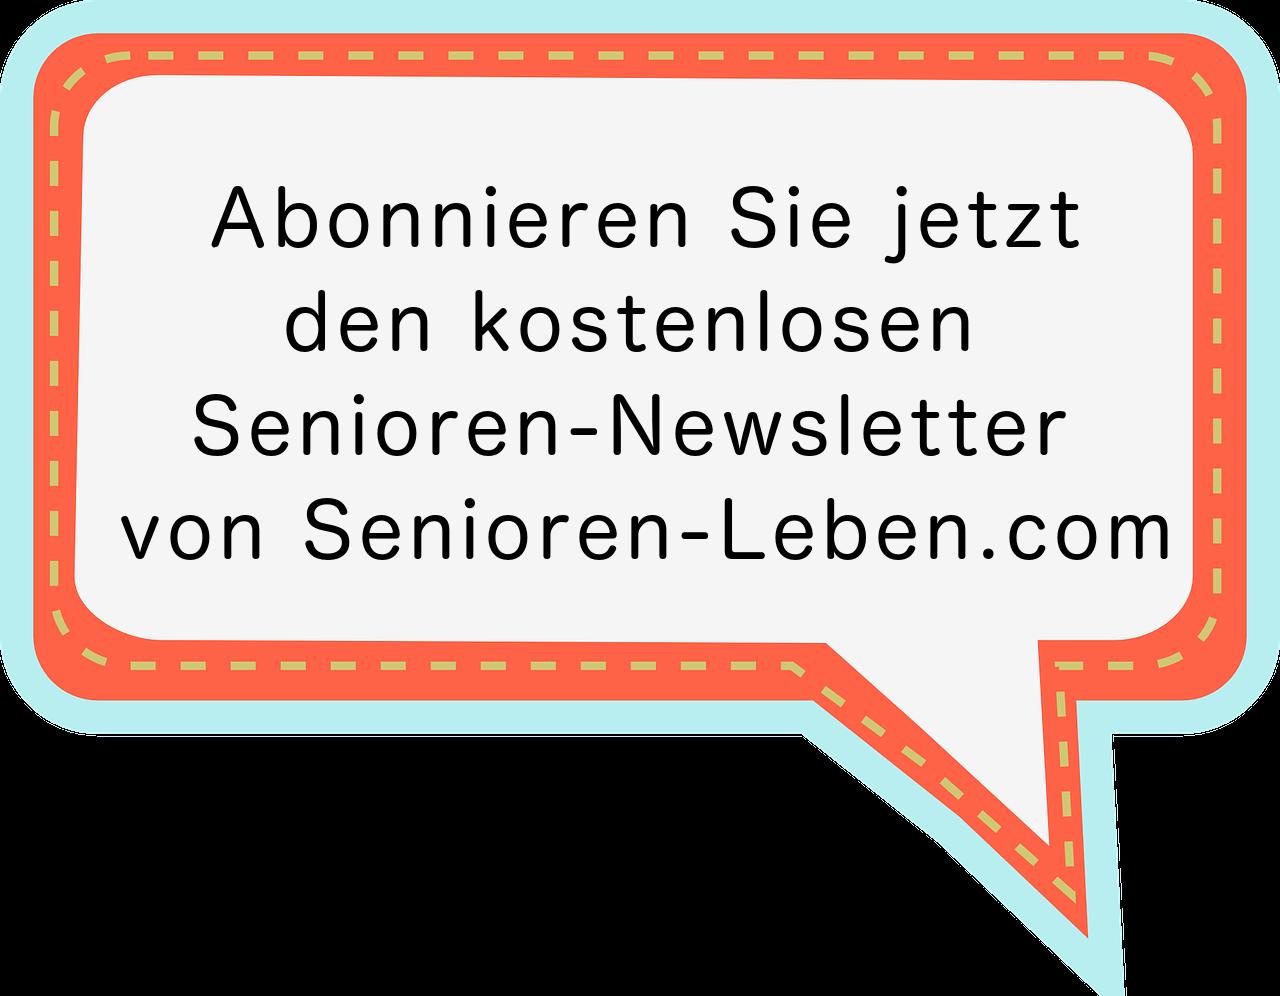 Senioren-Newsletter - Ratgeber-Tipps-Reisen-Ausflüge-Gesundheit-Technik-Pflege